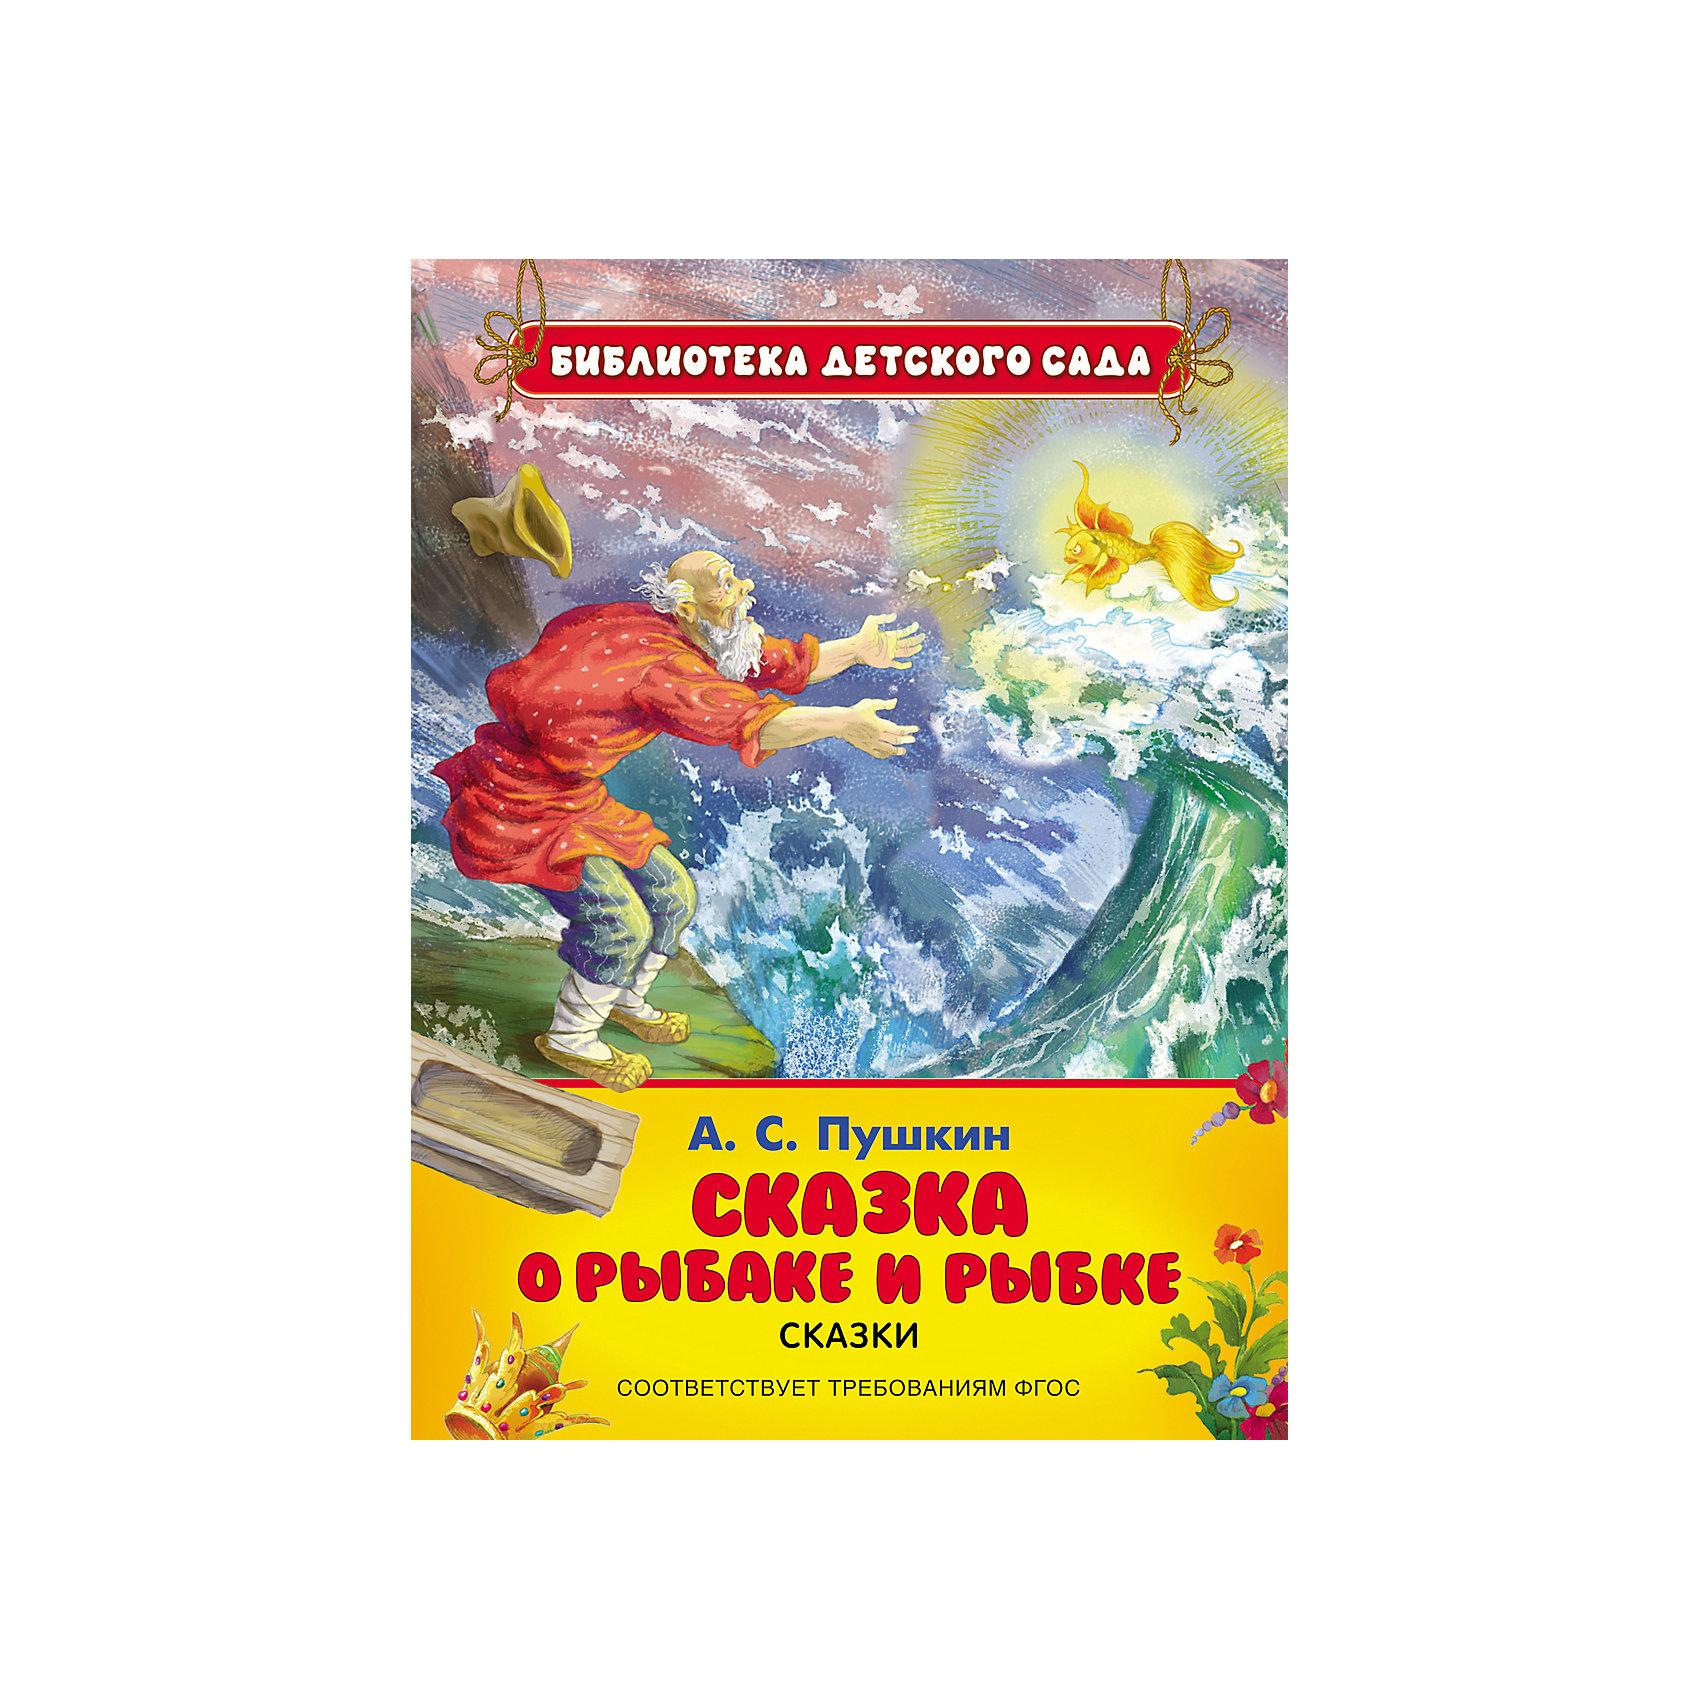 Росмэн Сказка о рыбаке и рыбке, А. Пушкин художественные книги росмэн сказка о рыбаке и рыбке пушкин а с